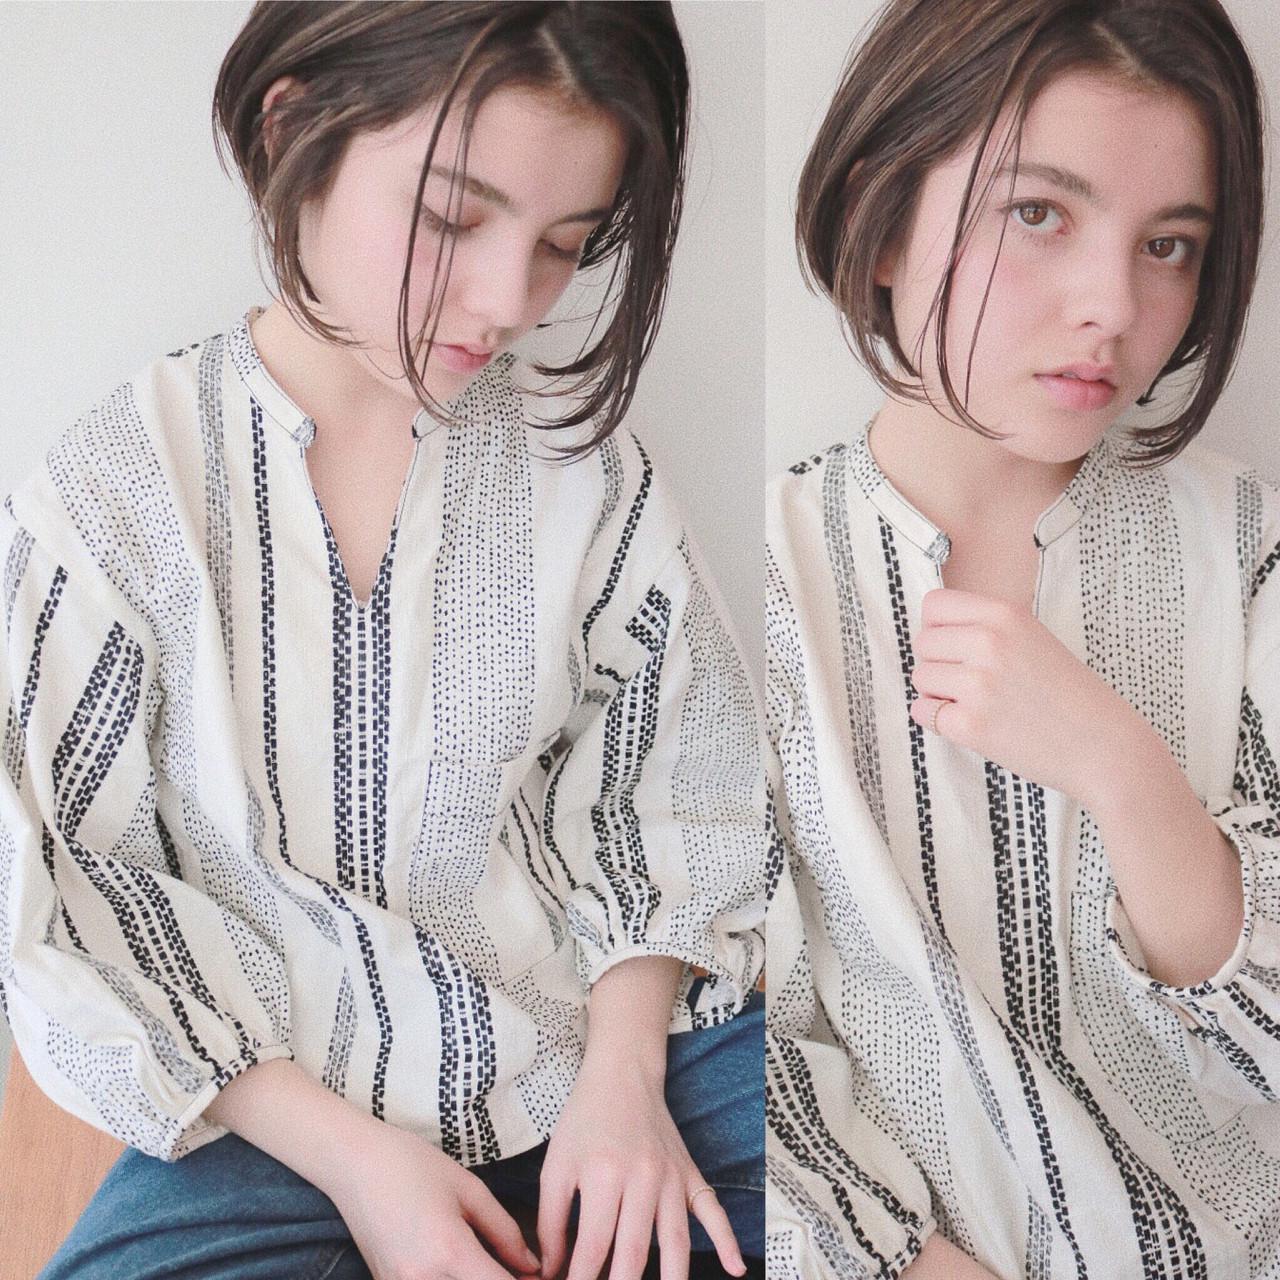 ハイライト アンニュイ 小顔 ナチュラル ヘアスタイルや髪型の写真・画像